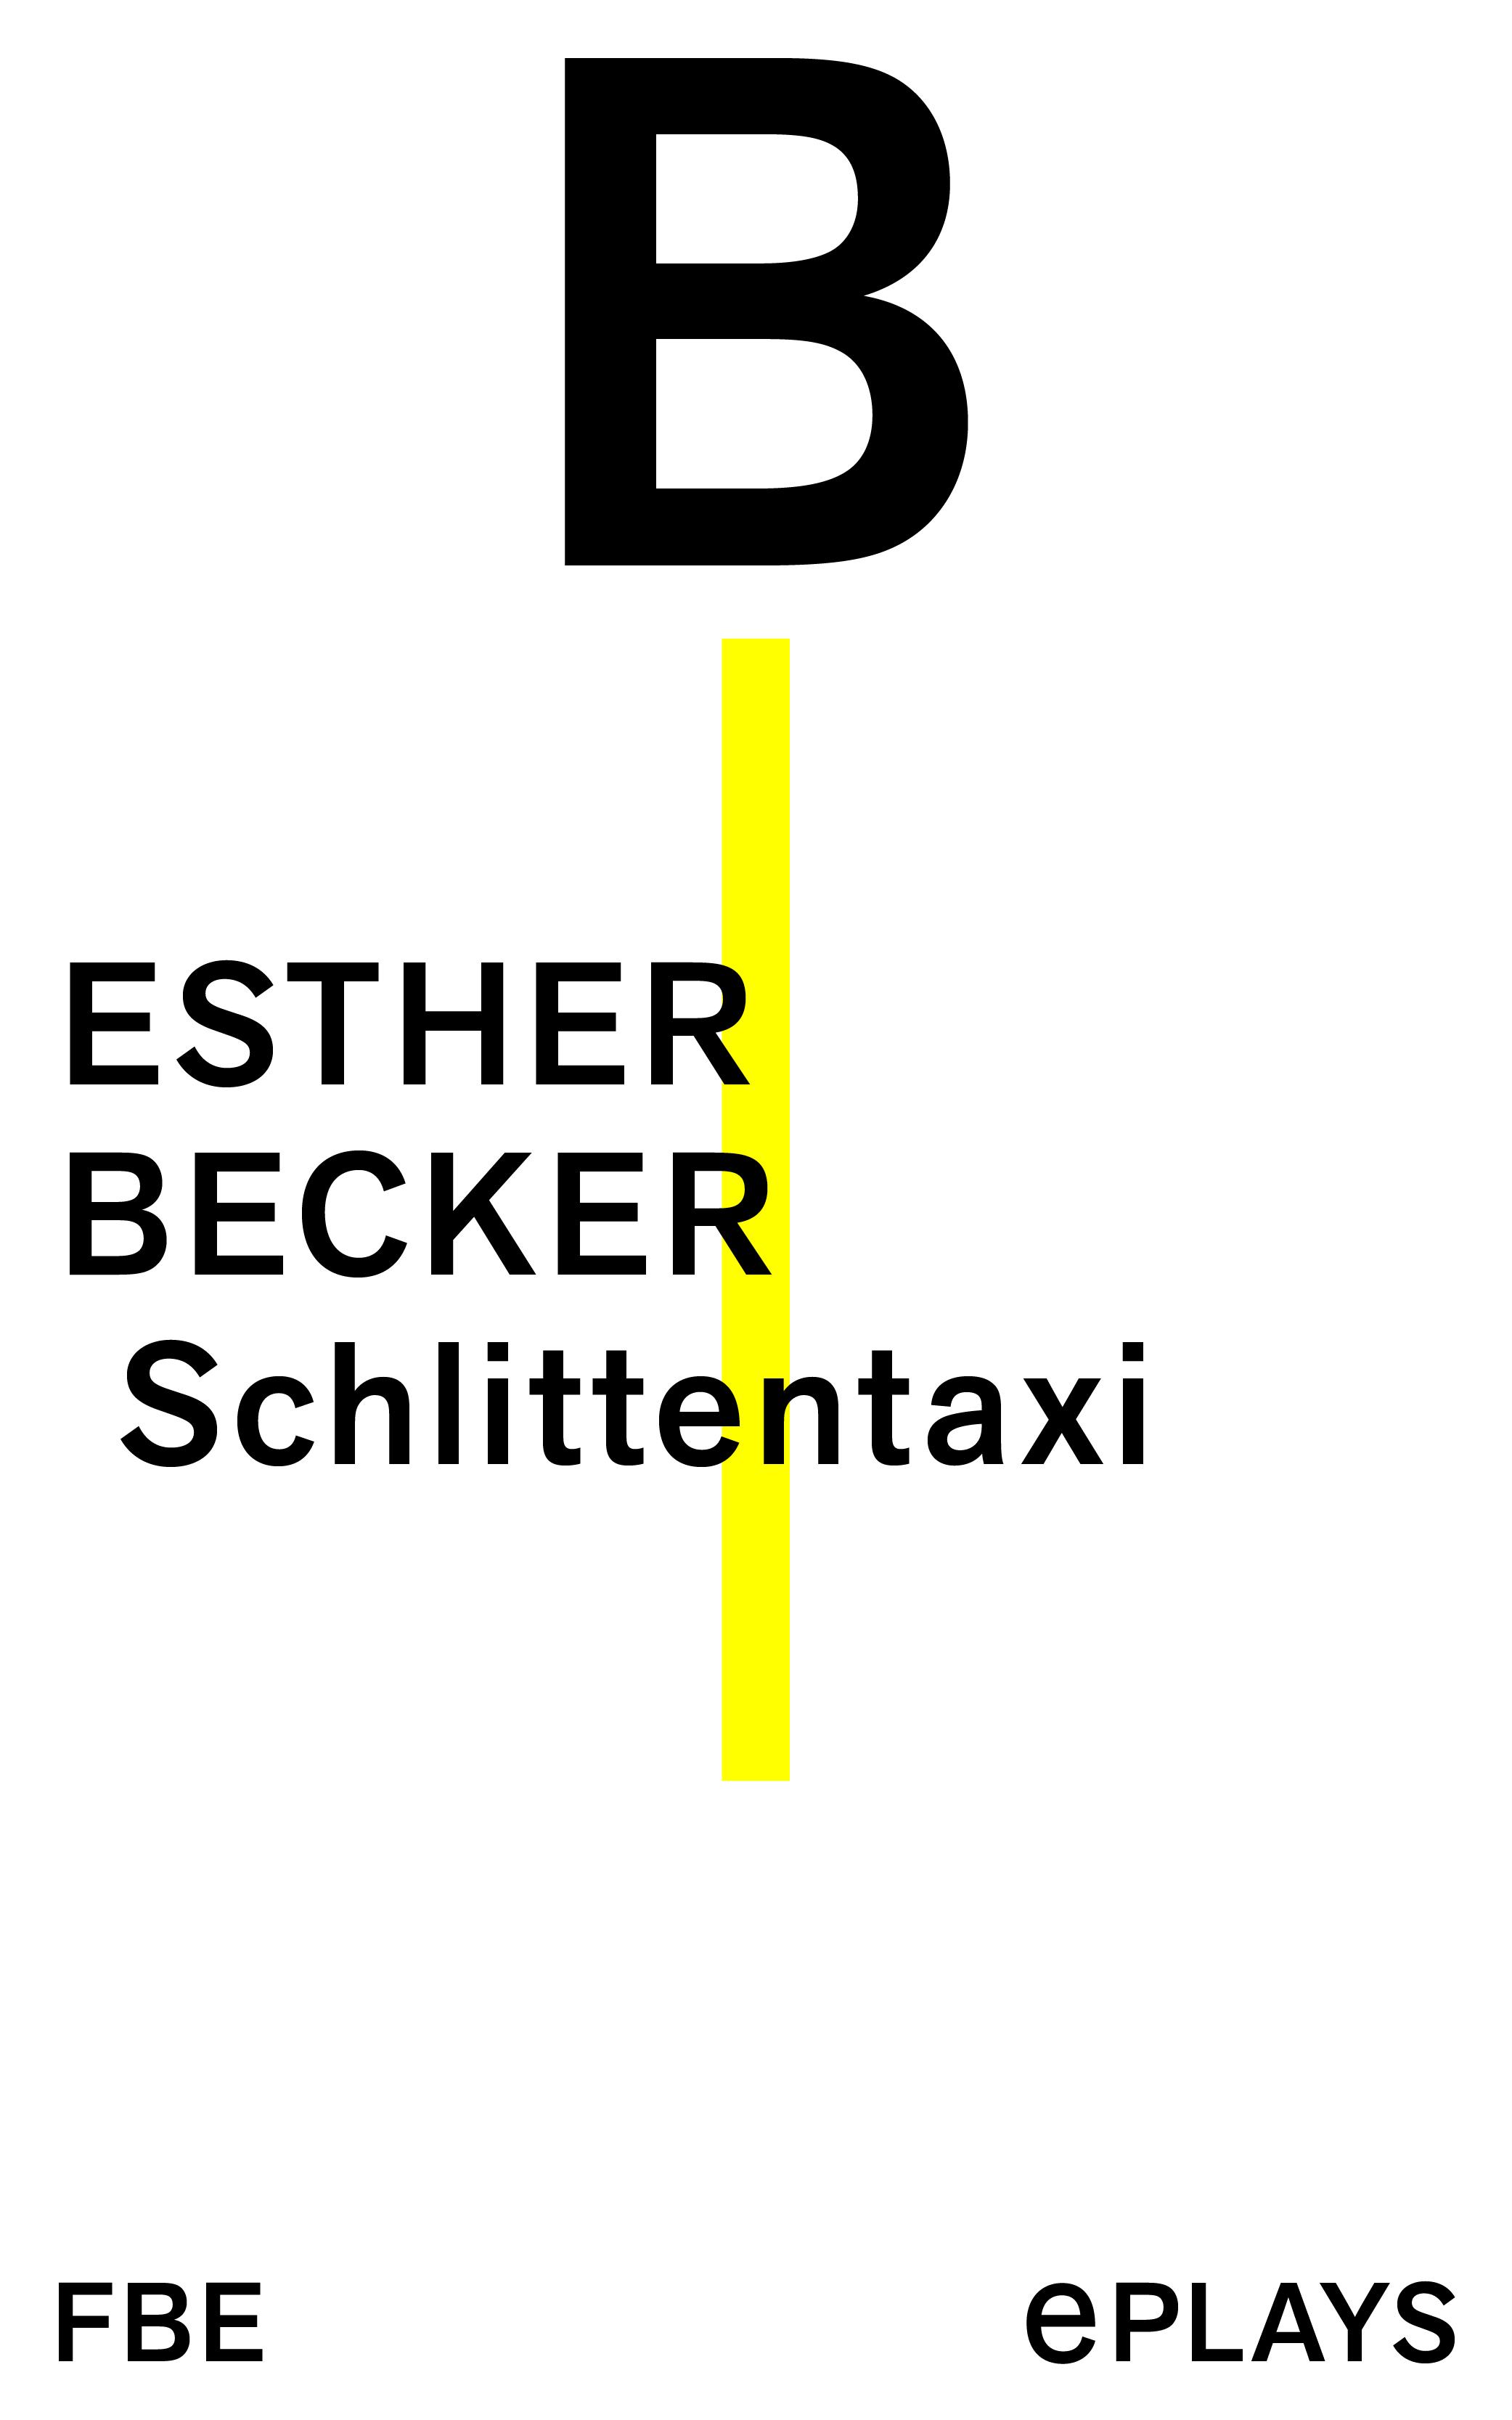 Esther Becker Schlittentaxi gertrud grünwied usability von produkten und anleitungen im digitalen zeitalter handbuch für entwickler it spezialisten und technische redakteure